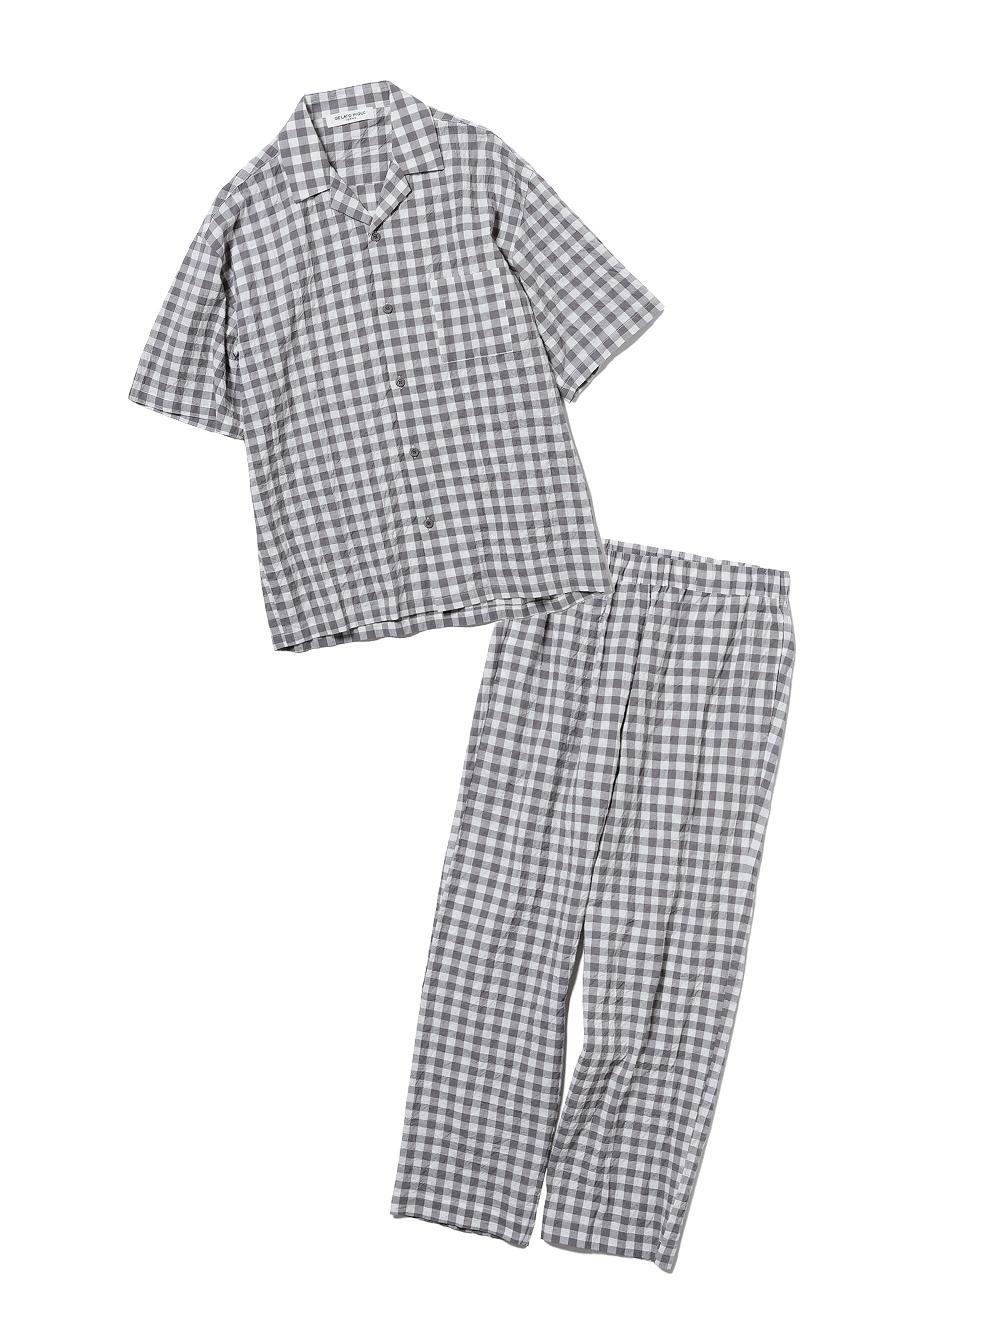 【ラッピング】【HOMME】オーガニックコットンギンガムチェックシャツ&ロングパンツSET